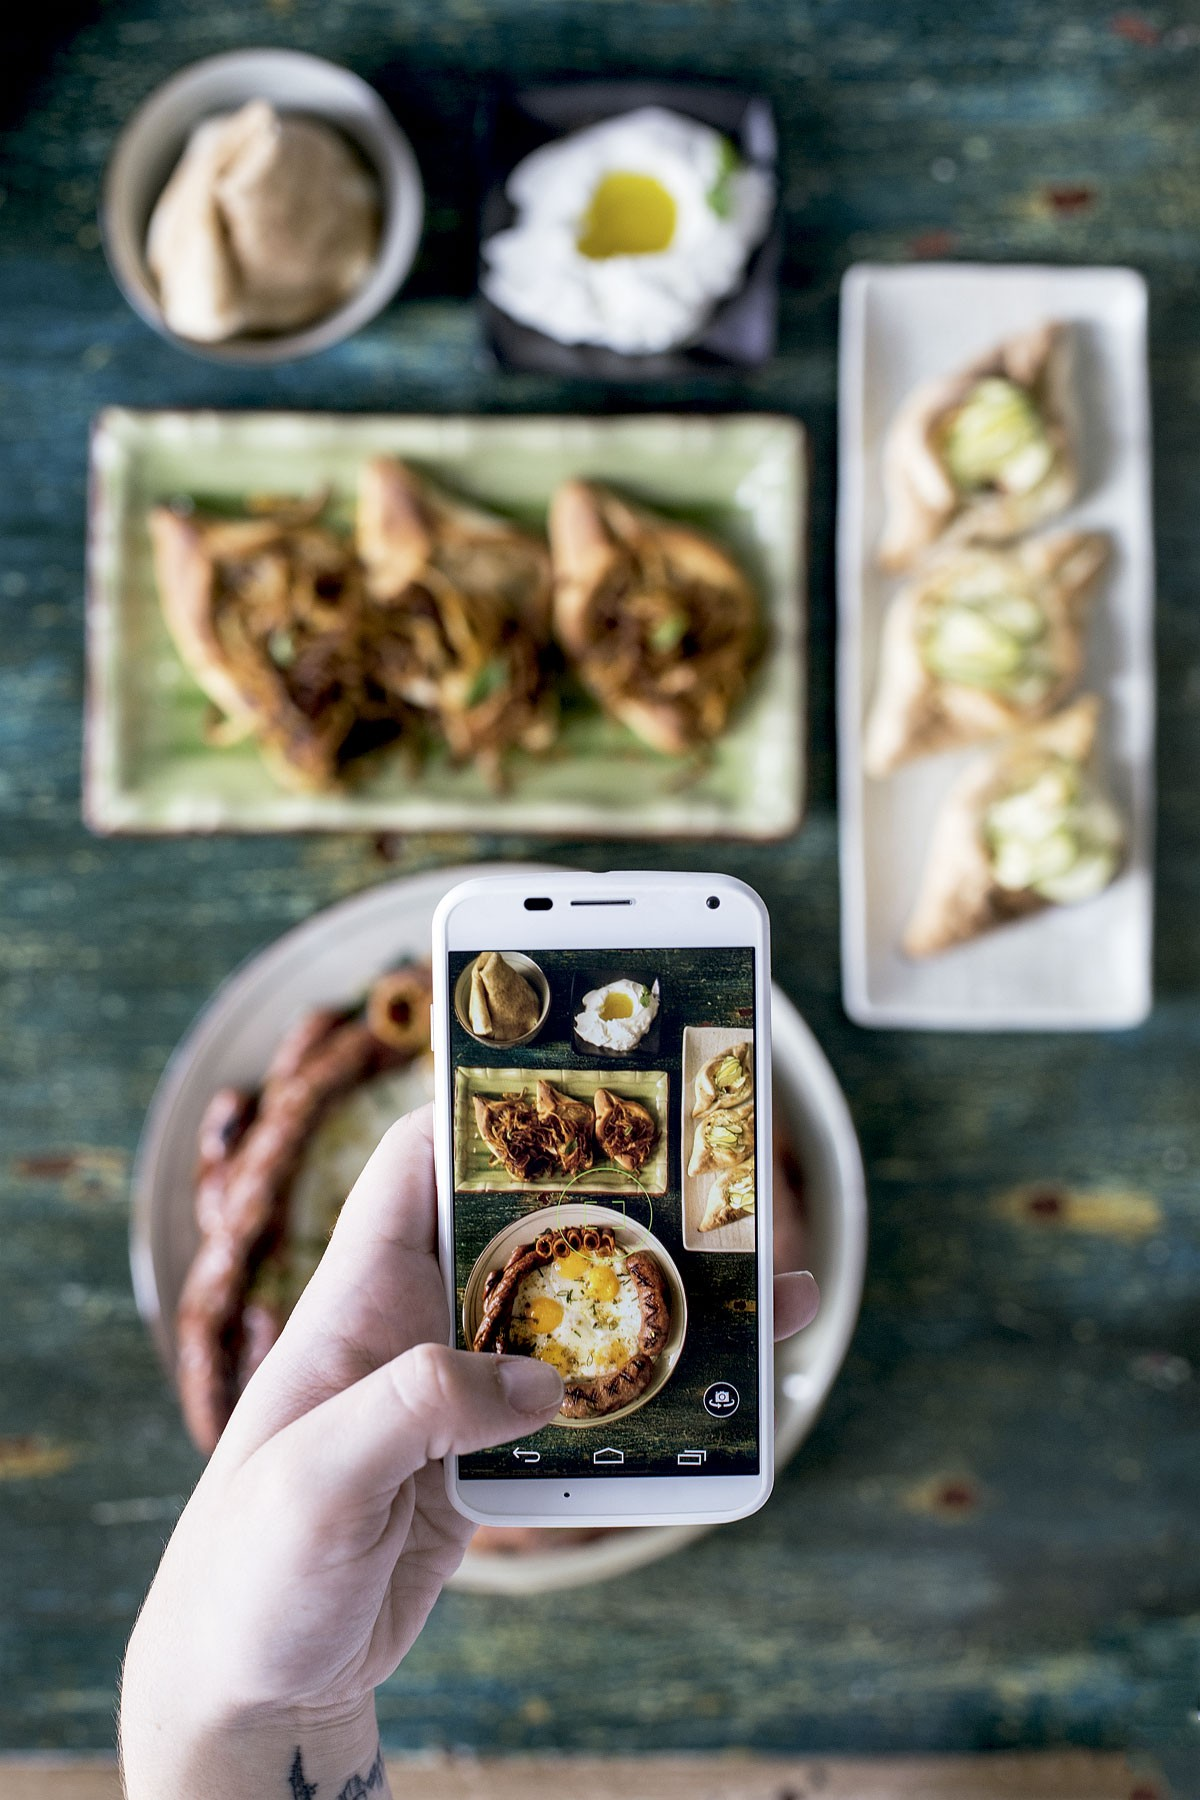 Comendo com os olhos: Linguiças e esfihas fizeram o restaurante Sainte Marie aumentar a clientela após fotos delas virarem hit no Instagram (Foto: Julia Rodrigues/Editora Globo)